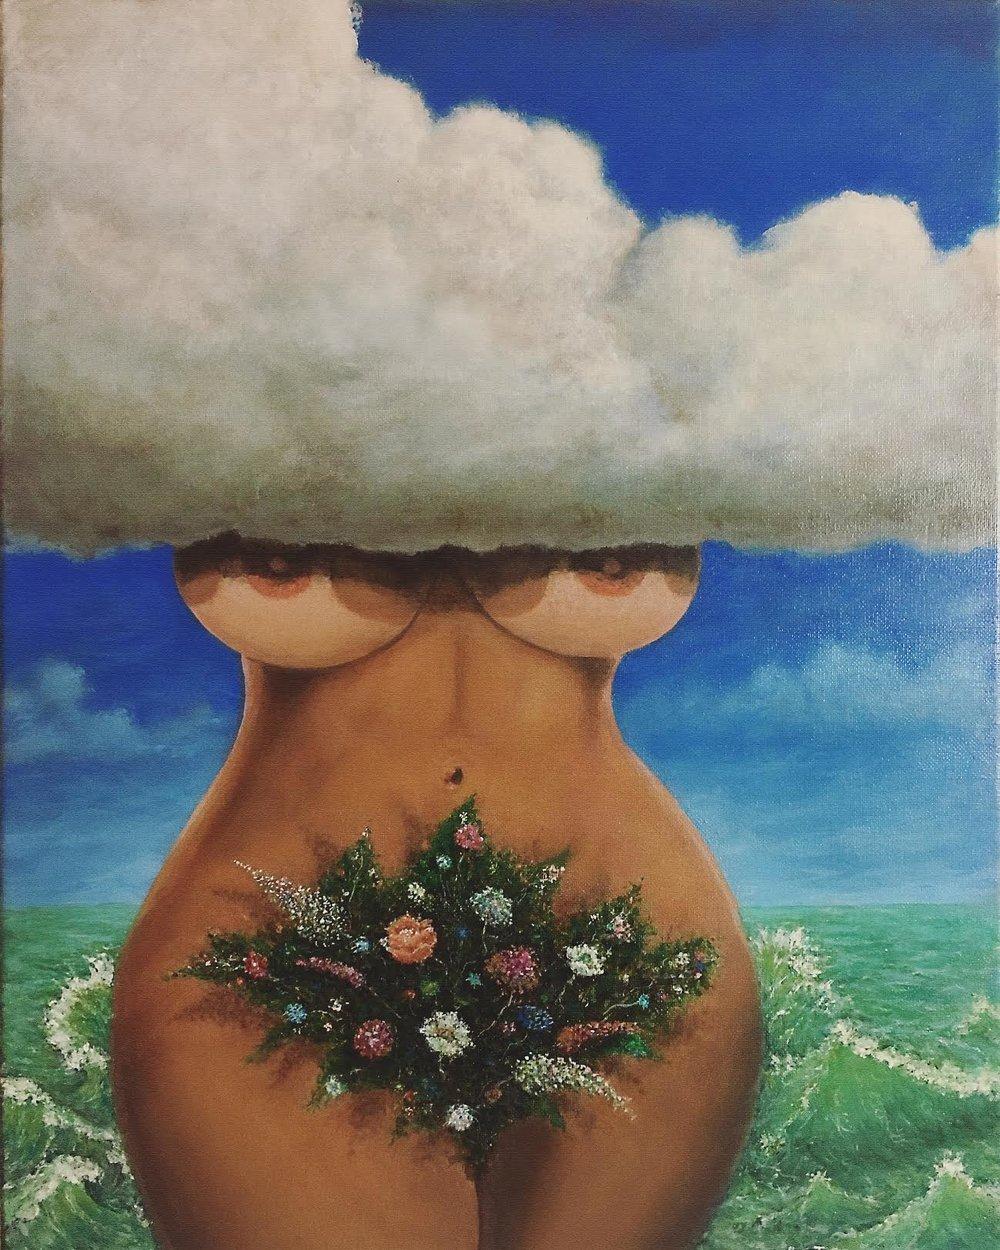 Birth of Eden